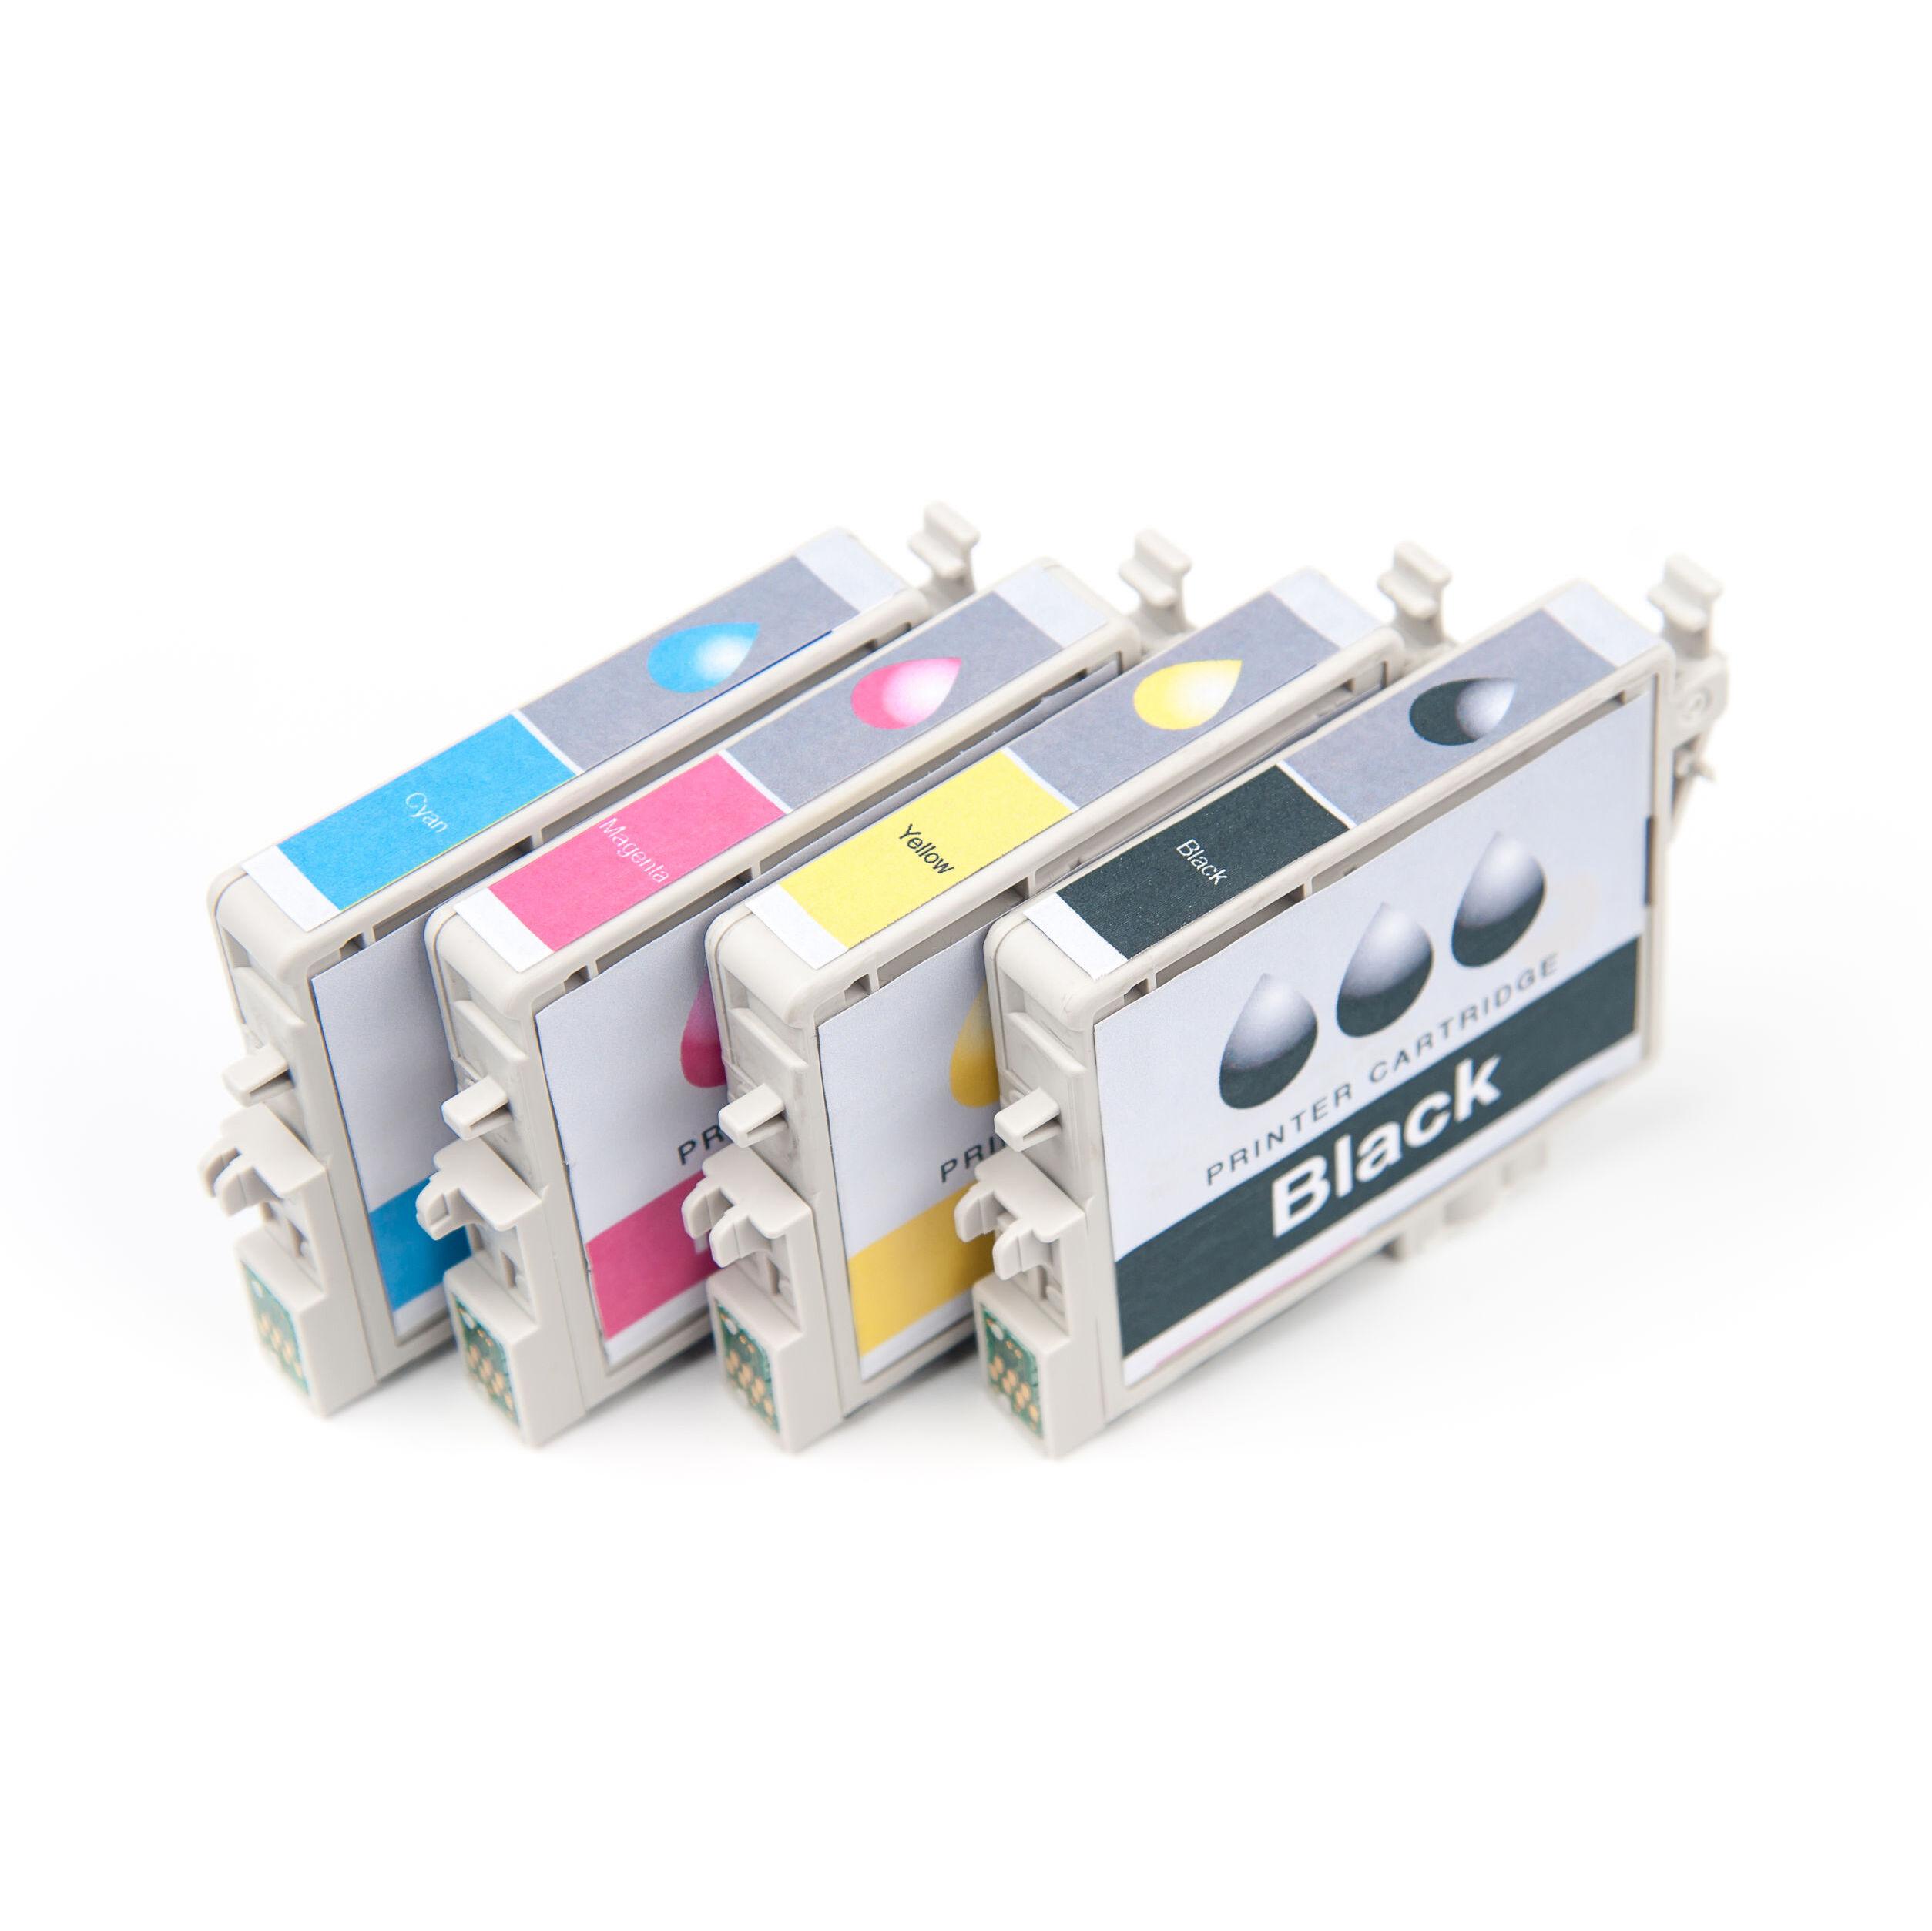 HP Originale  OfficeJet Pro 6230 Cartuccia stampante (934XL/935XL / X4E14AE) multicolor Multipack (4 pz.), Contenuto: 1000pg + 3x825pg